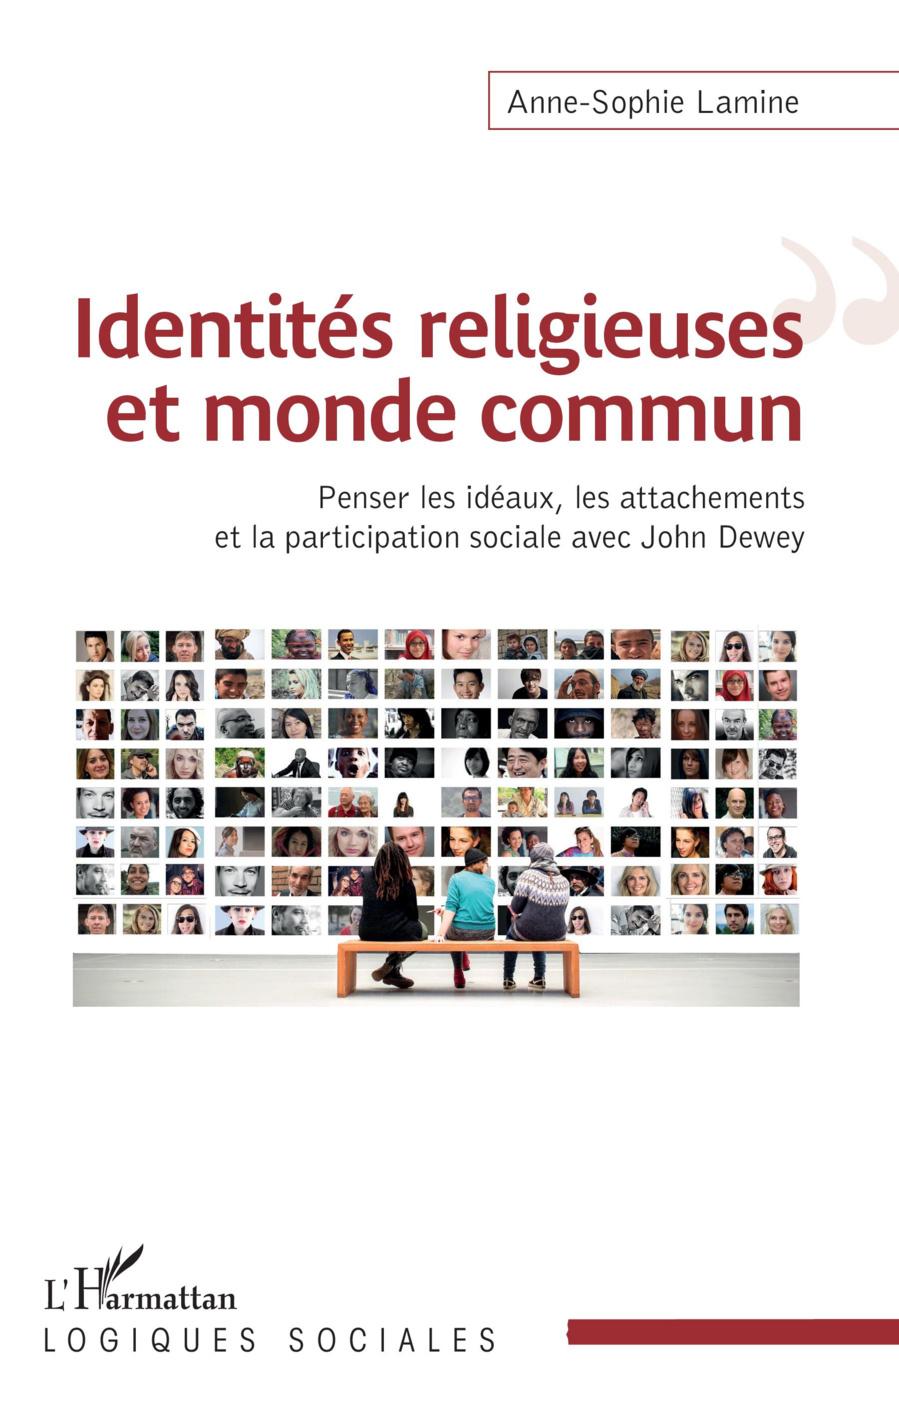 https://www.saphirnews.com/agenda/Identites-religieuses-et-monde-commun-Penser-les-ideaux-les-attachements-et-la-participation-sociale_ae610994.html